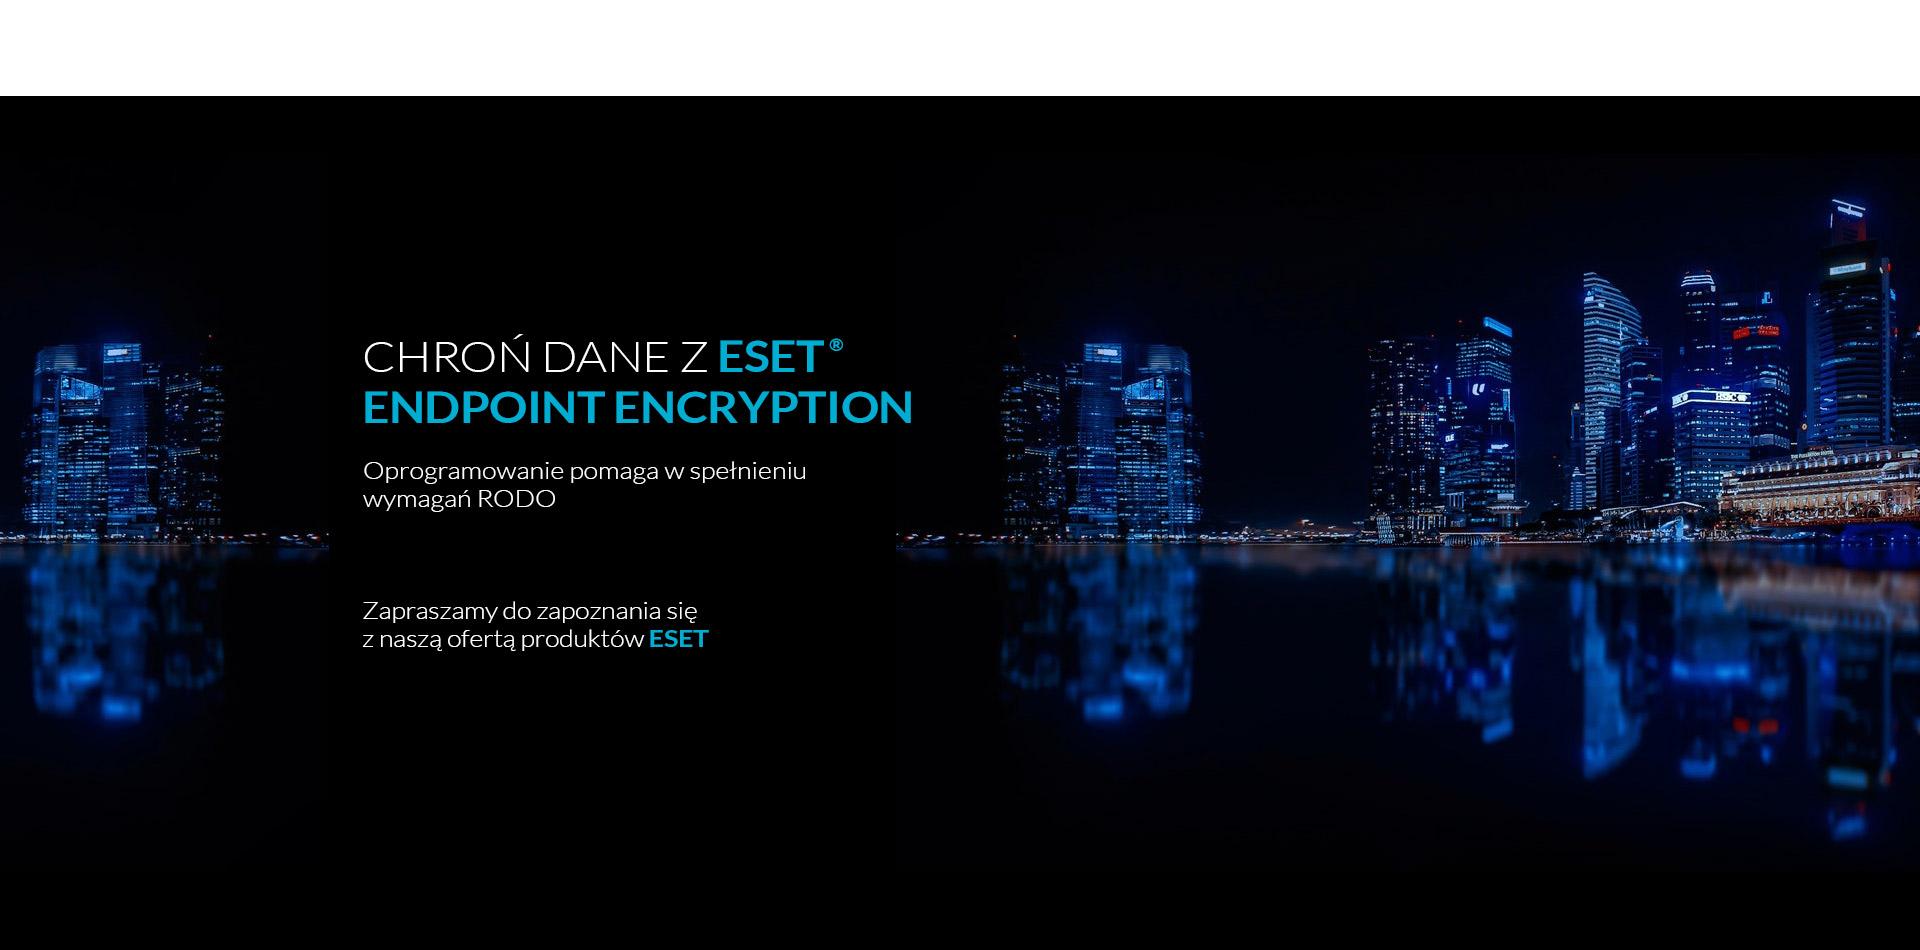 ONEITS - Doradztwo IT   Administracja serwerów   Usługi IT